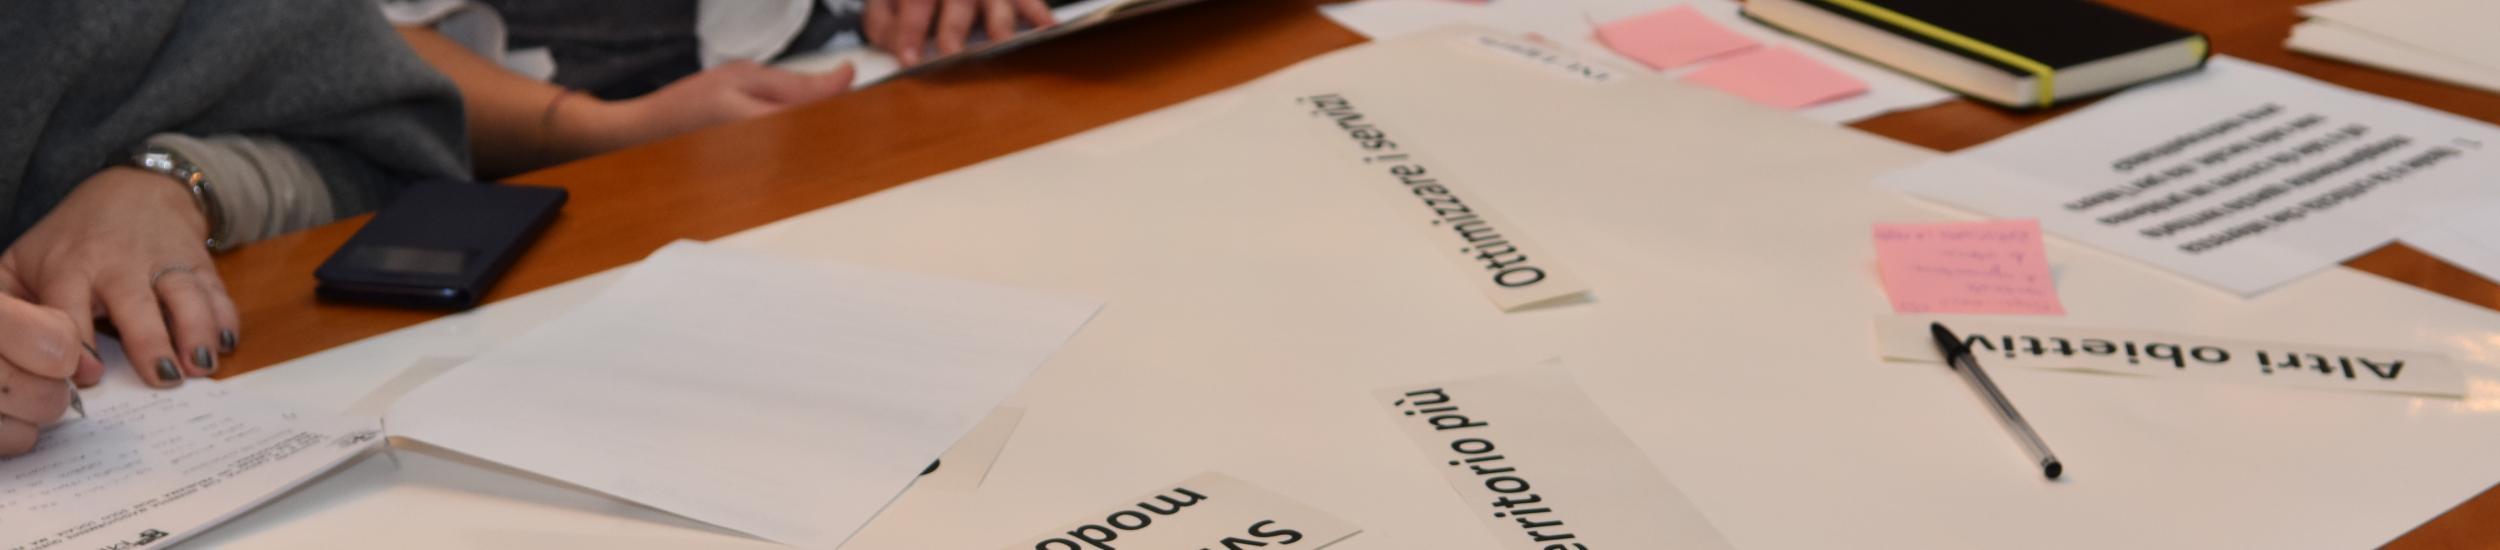 News: Città metropolitana, genova tappa finale della partecipazione al piano strategico (video di tabloid)